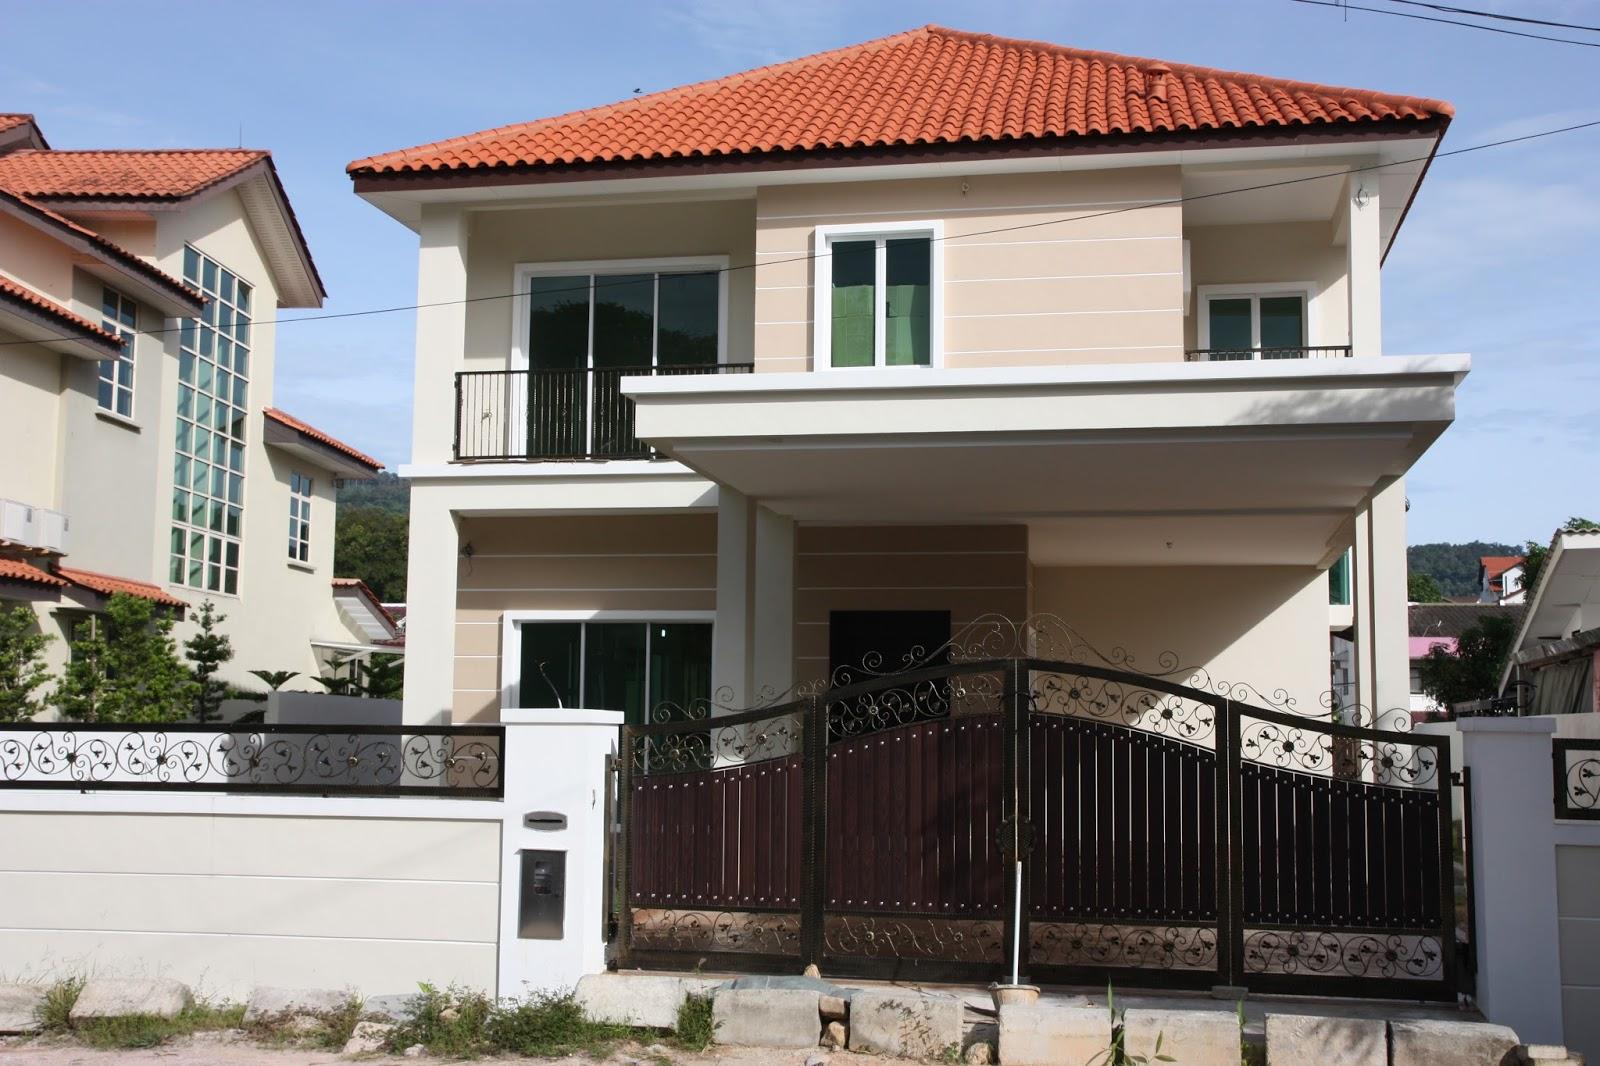 penang property newsletter minden height 2 storey bungalow. Black Bedroom Furniture Sets. Home Design Ideas